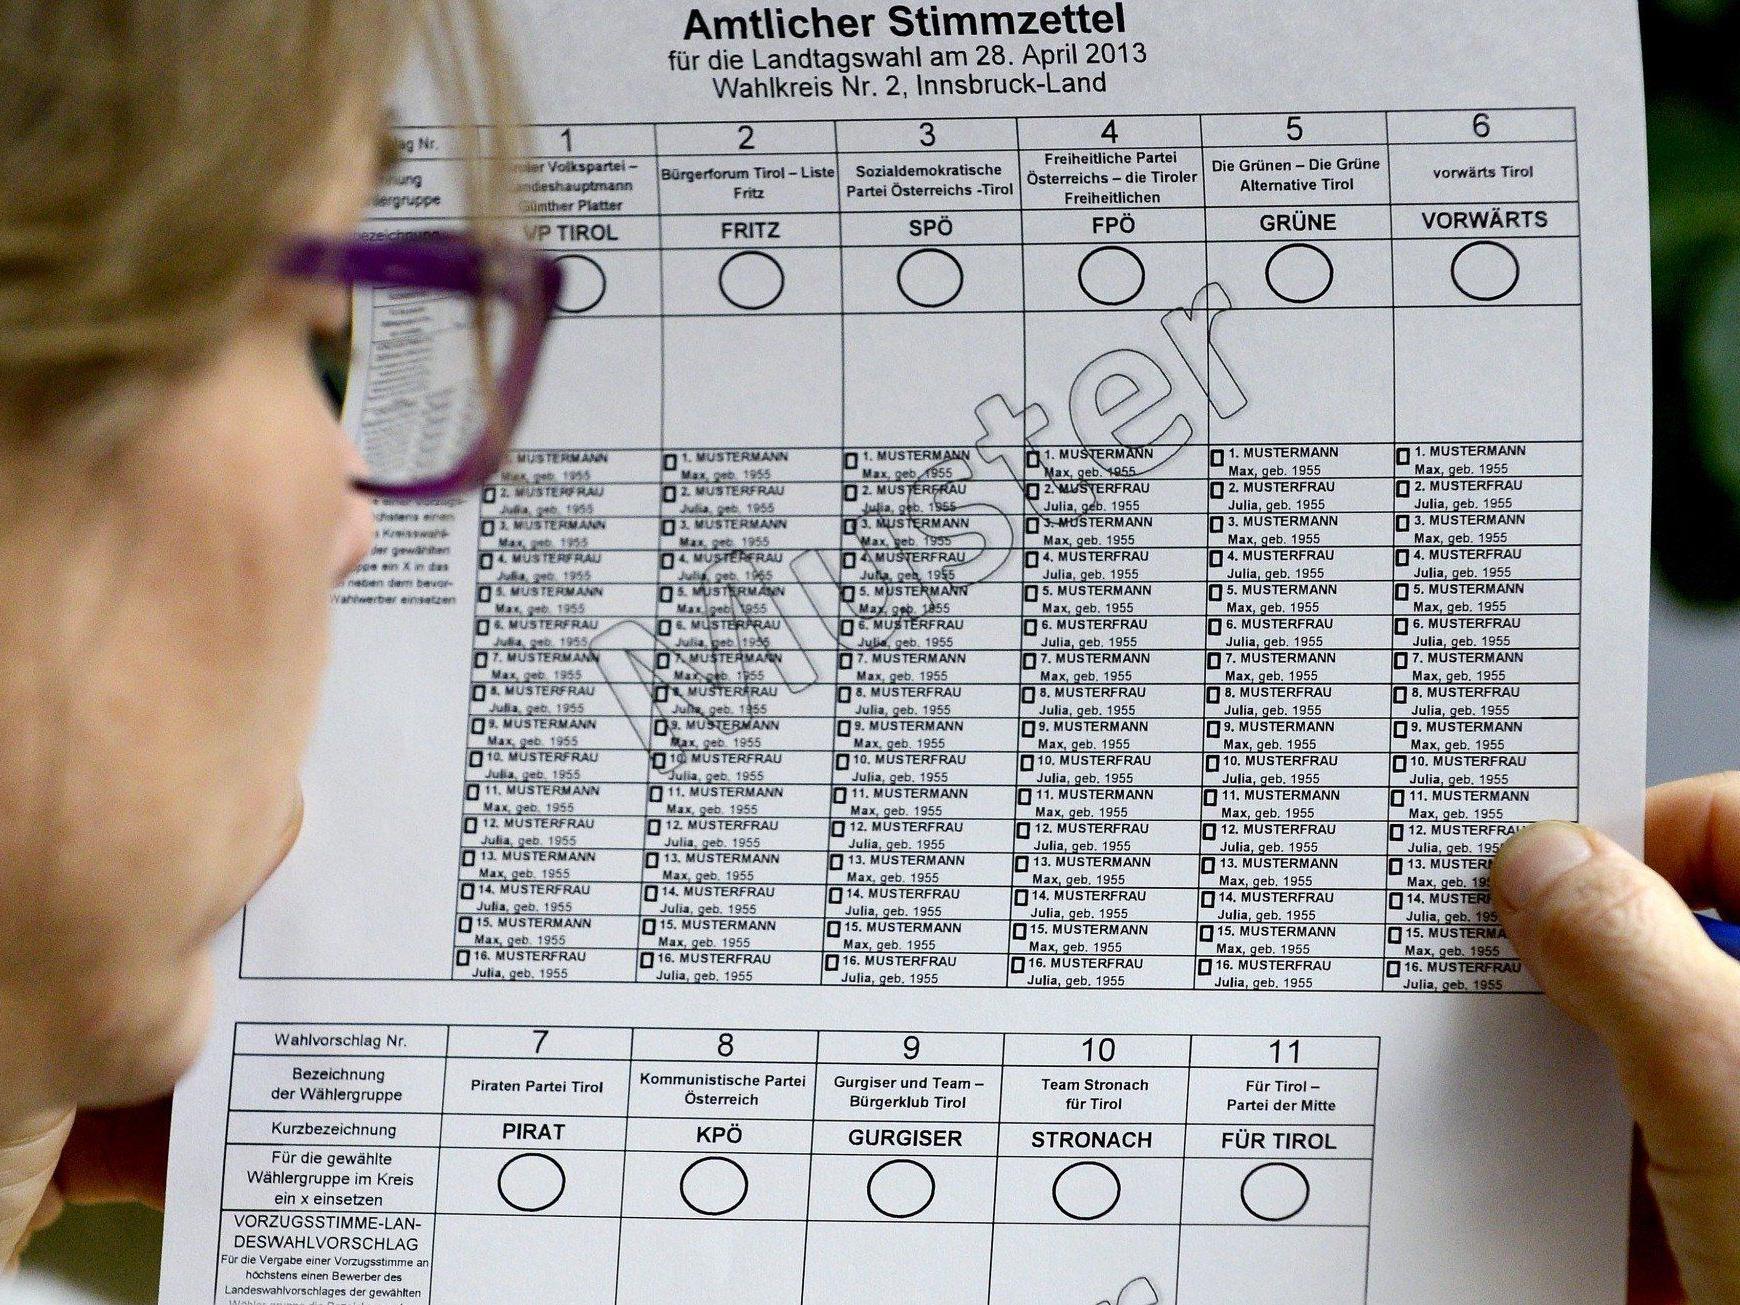 So sieht ein Stimmzettel bei der Landtagswahl in Tirol aus.